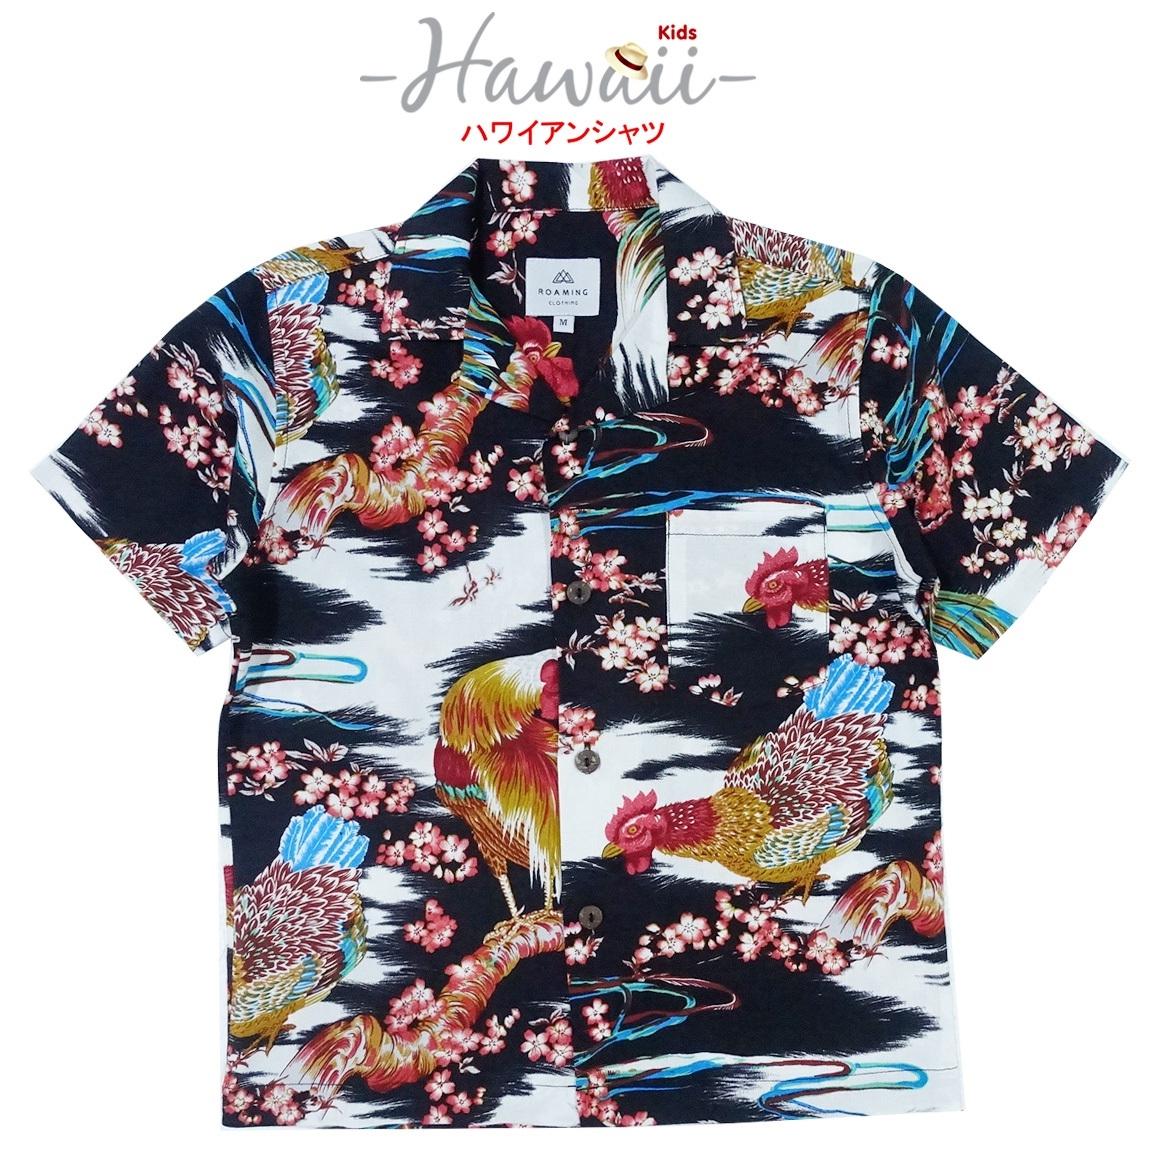 เสื้อฮาวายเด็ก